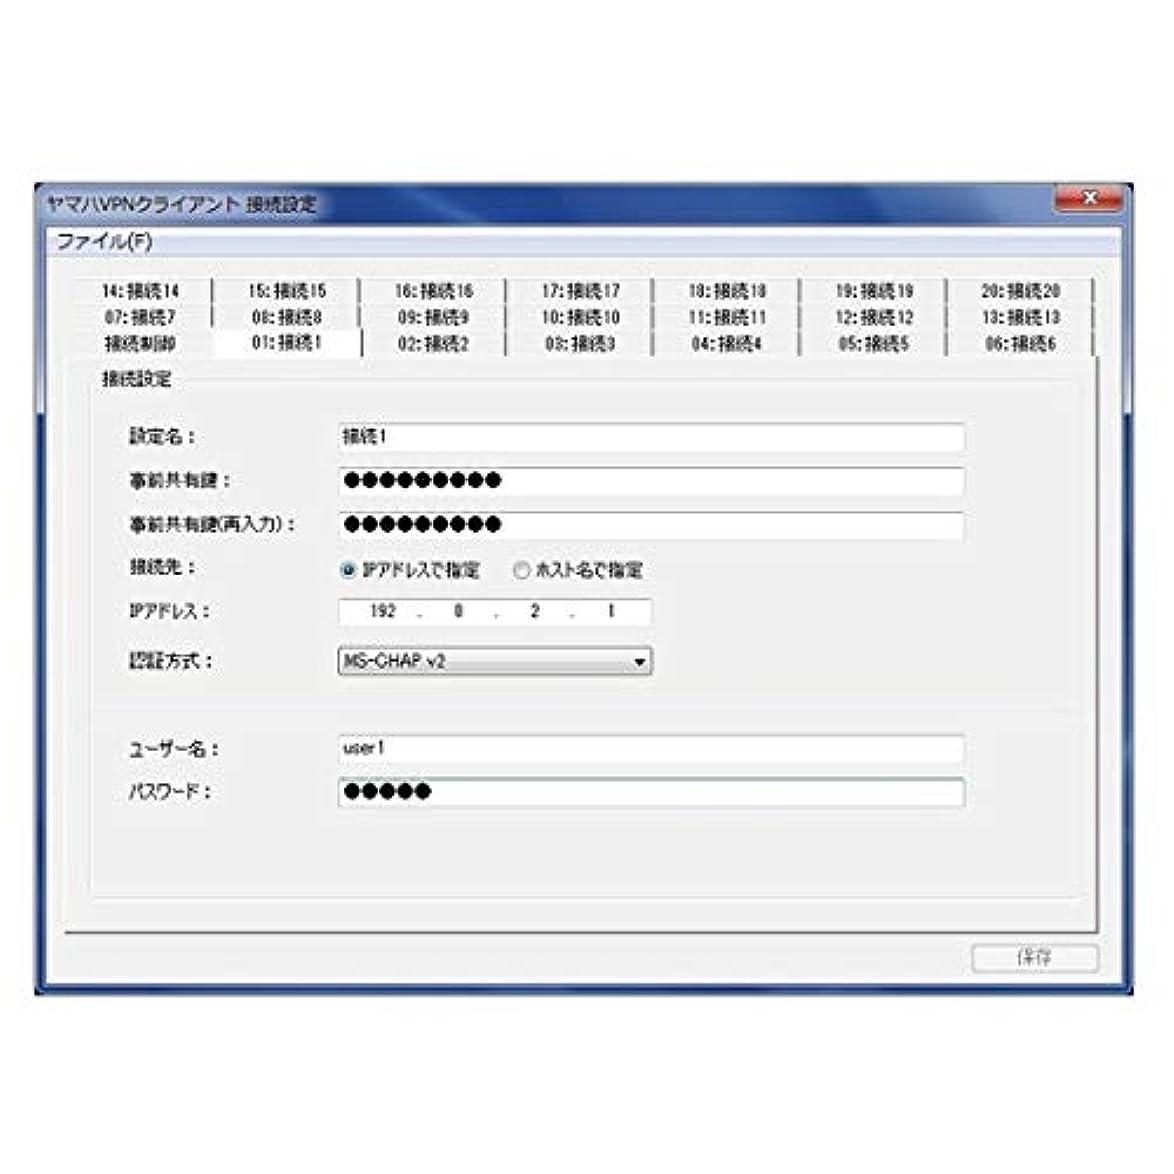 ルーム添付抵当ヤマハ(Yamaha) VPNクライアントソフトウェア (1クライアント) YMS-VPN8 (CD無)